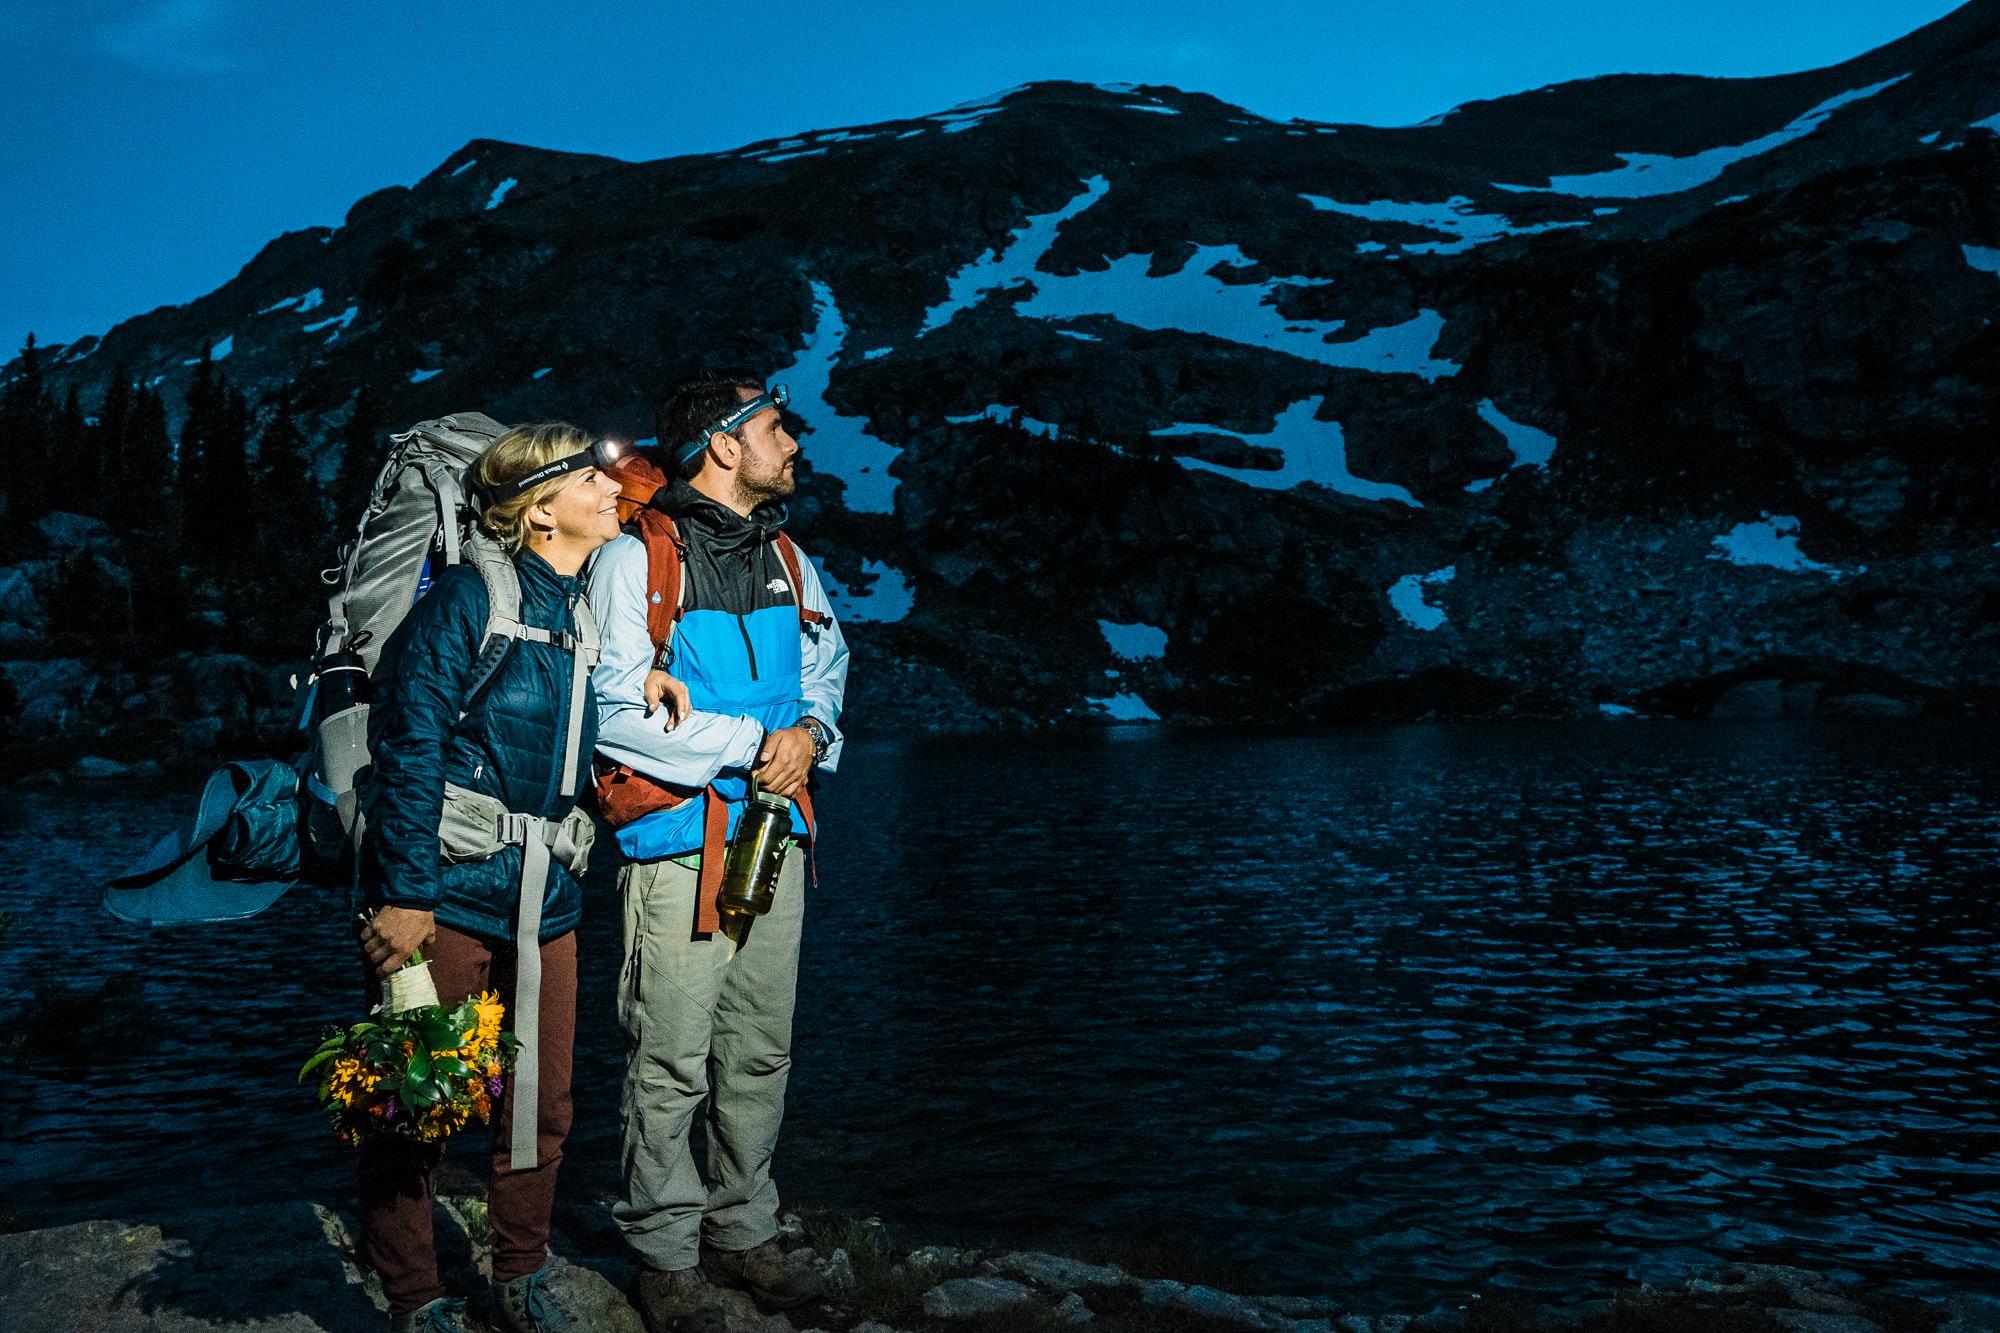 Bride and Groom Headlamps Vail Colorado Elopement